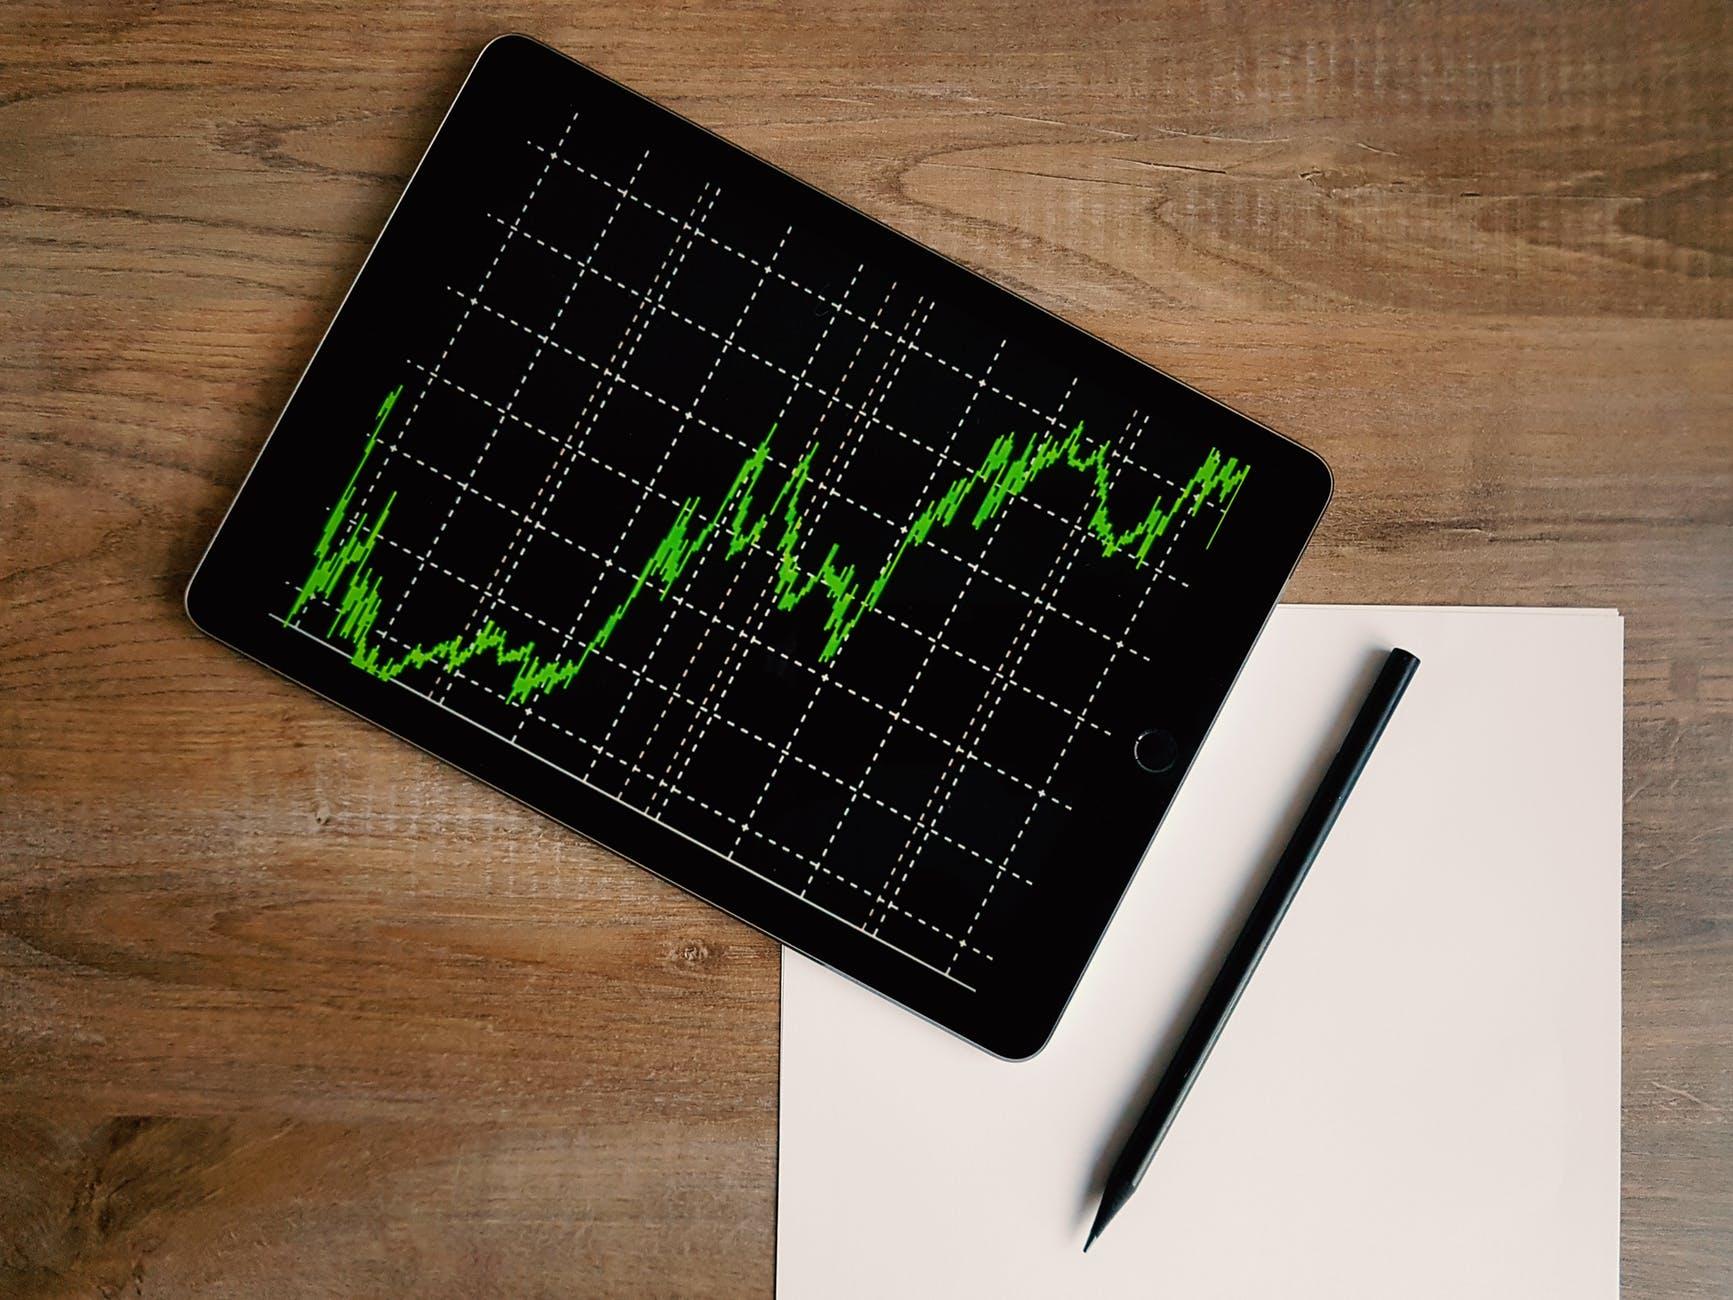 基金净值怎么计算 基金净值越高越好吗